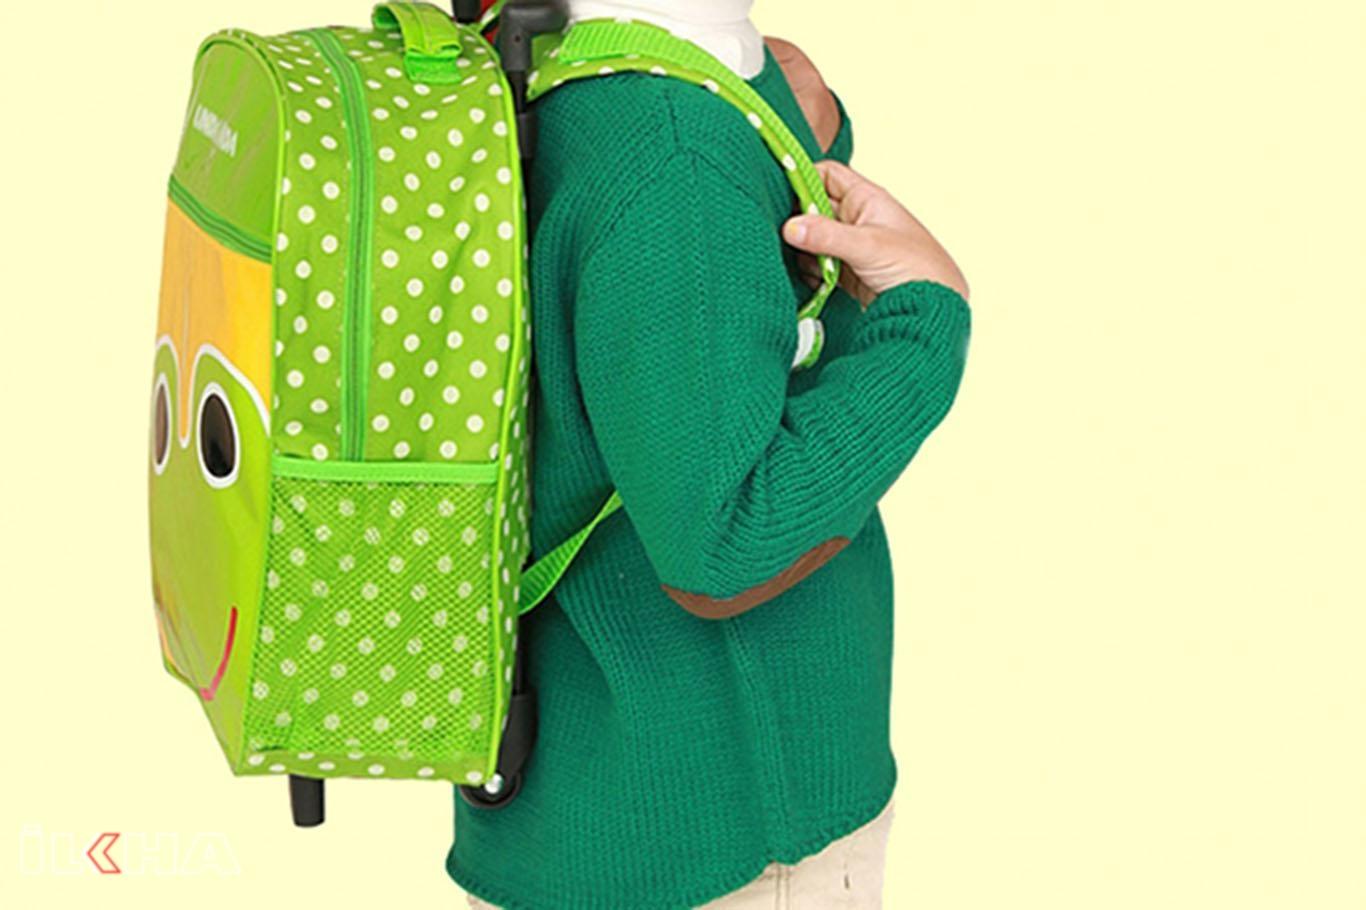 Okul çantası boya uygun olmalı.